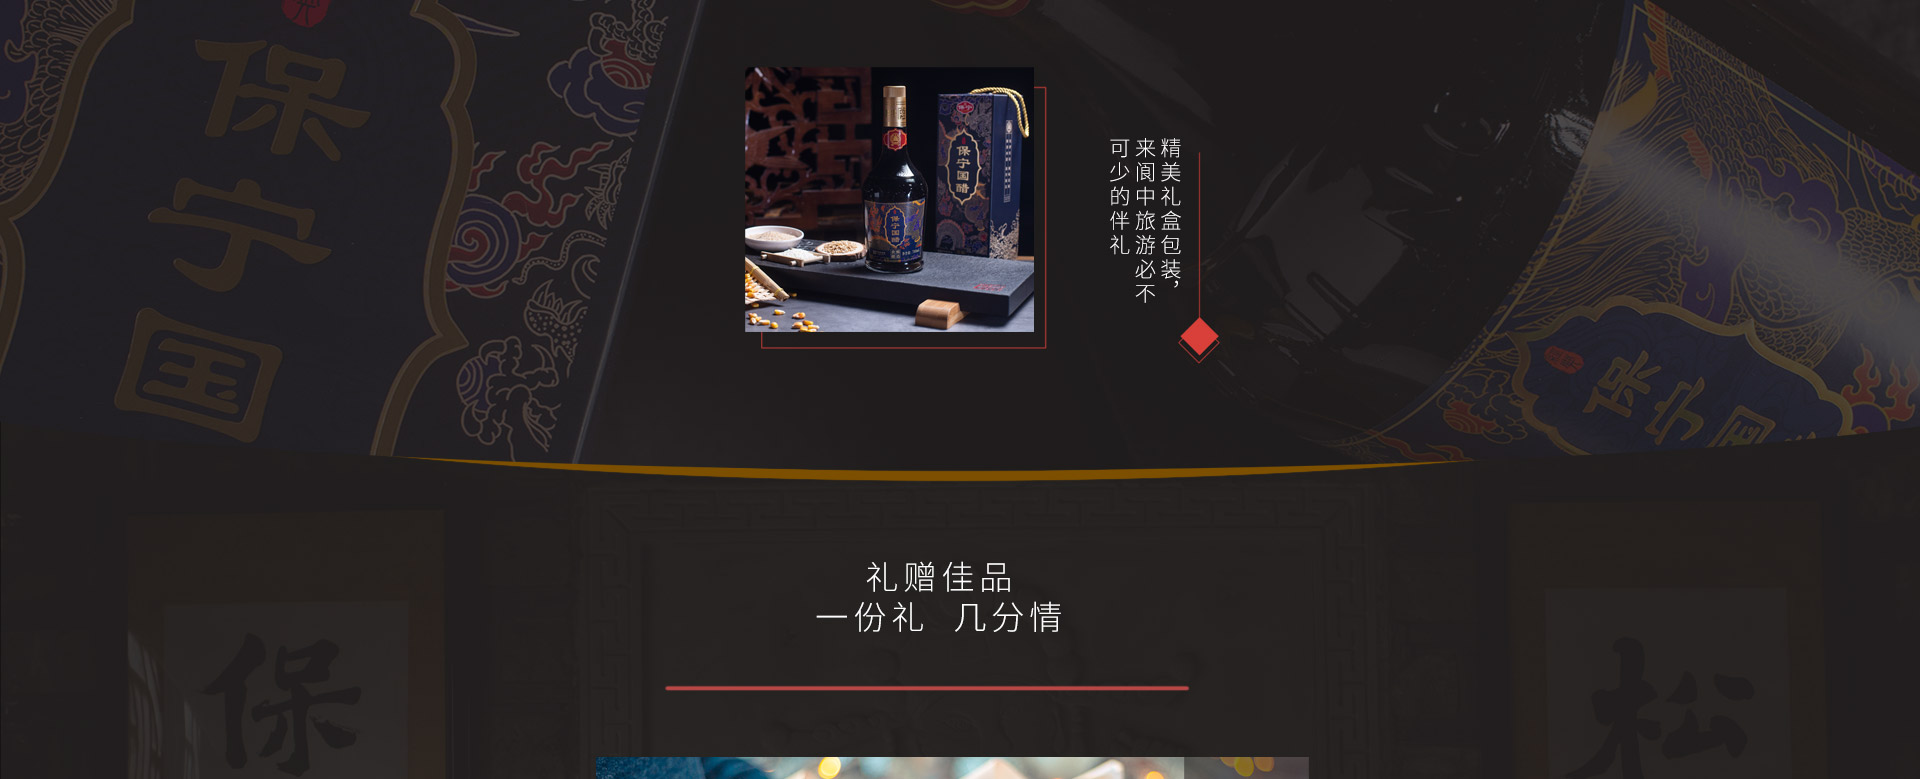 产品-礼盒_03.jpg